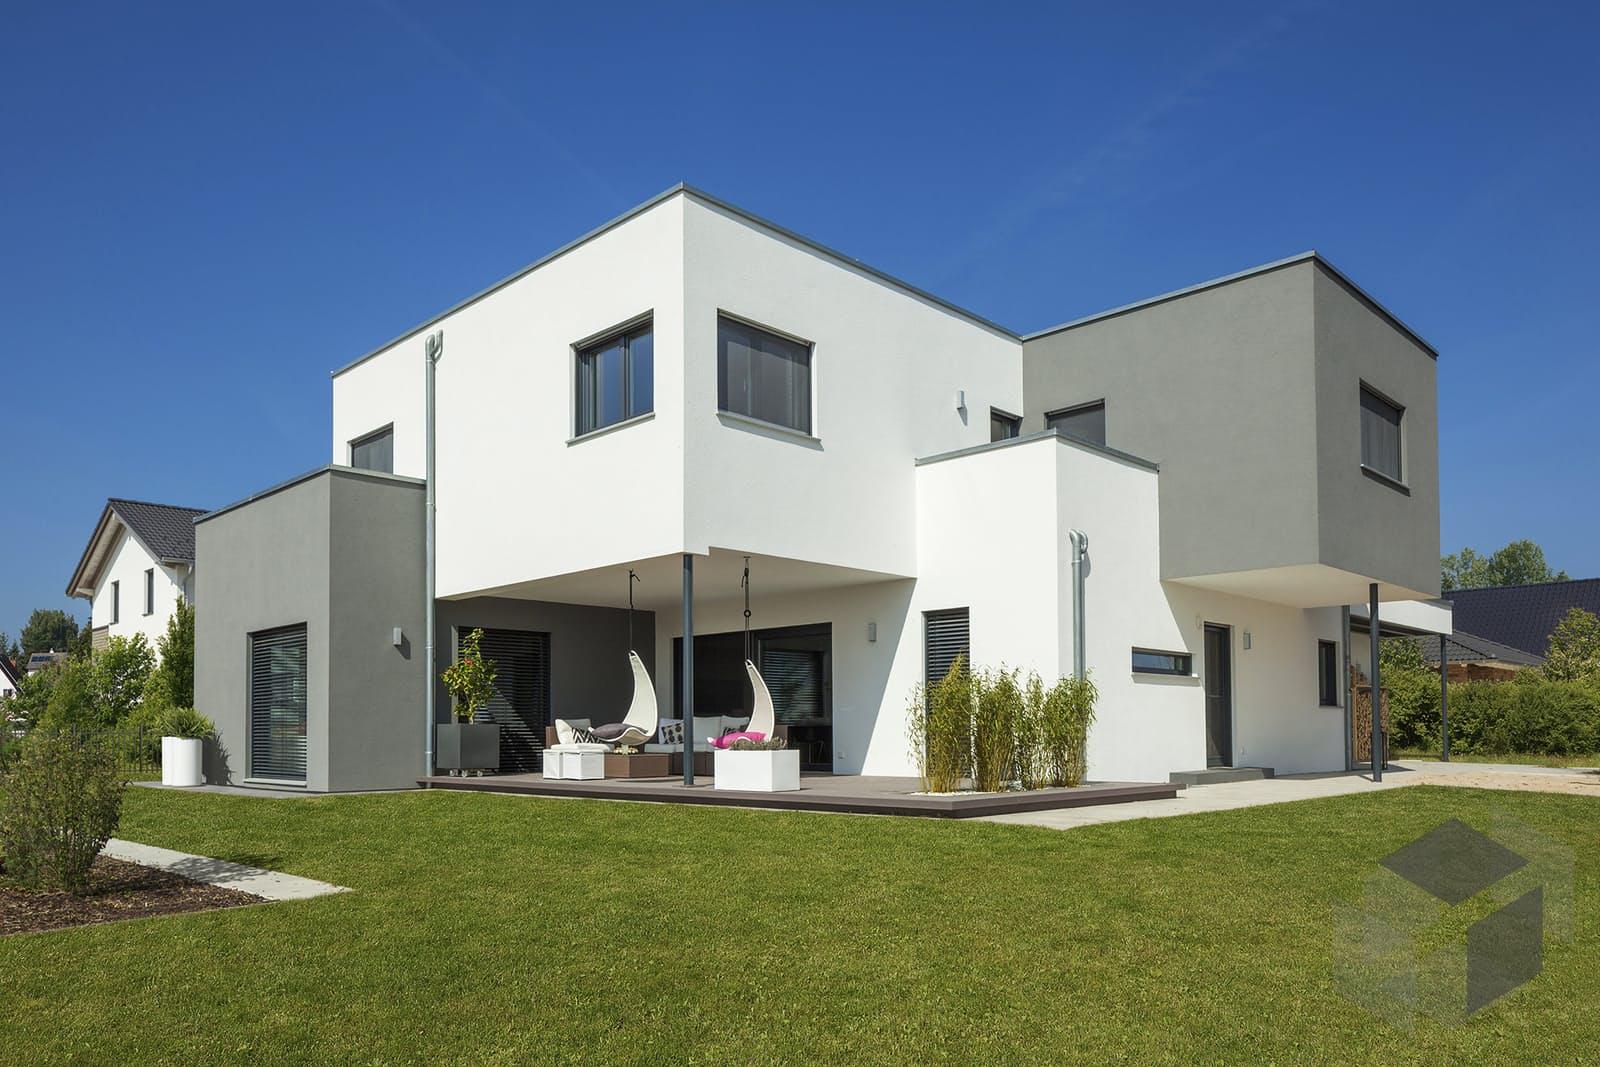 edition select 236 von wolf haus komplette daten bersicht. Black Bedroom Furniture Sets. Home Design Ideas